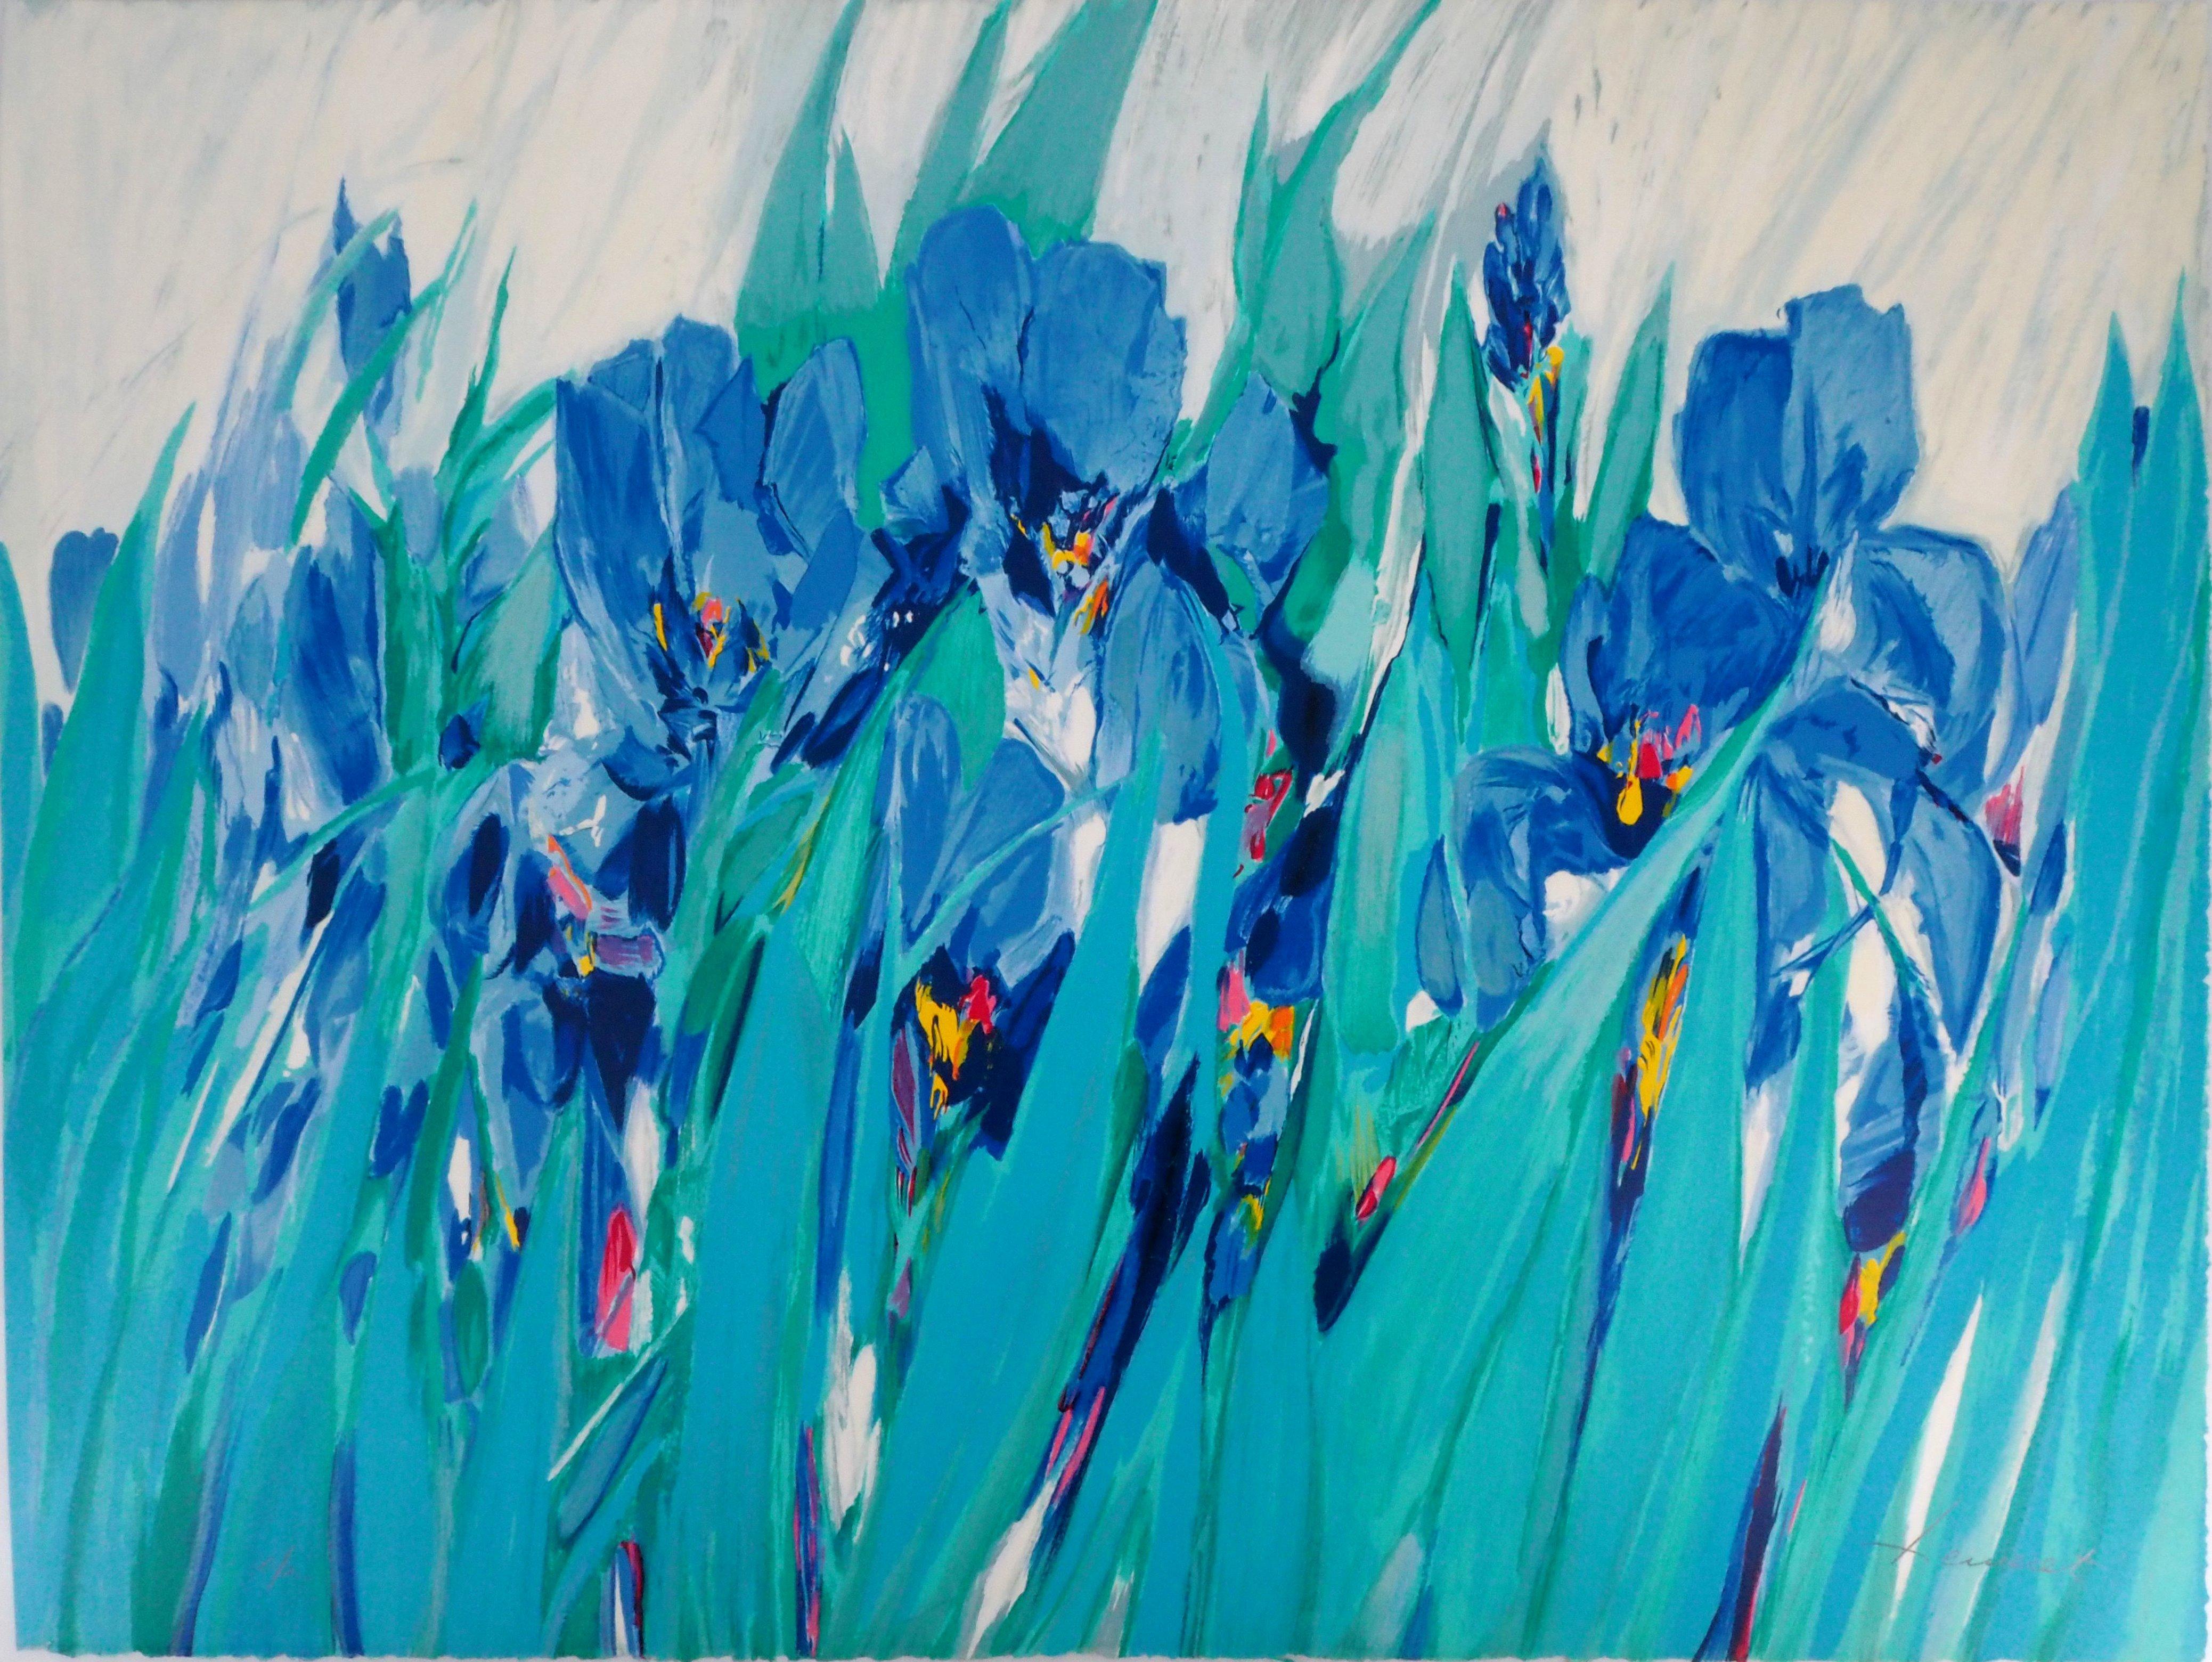 Blue Iris -  Original Lithograph, Handsigned